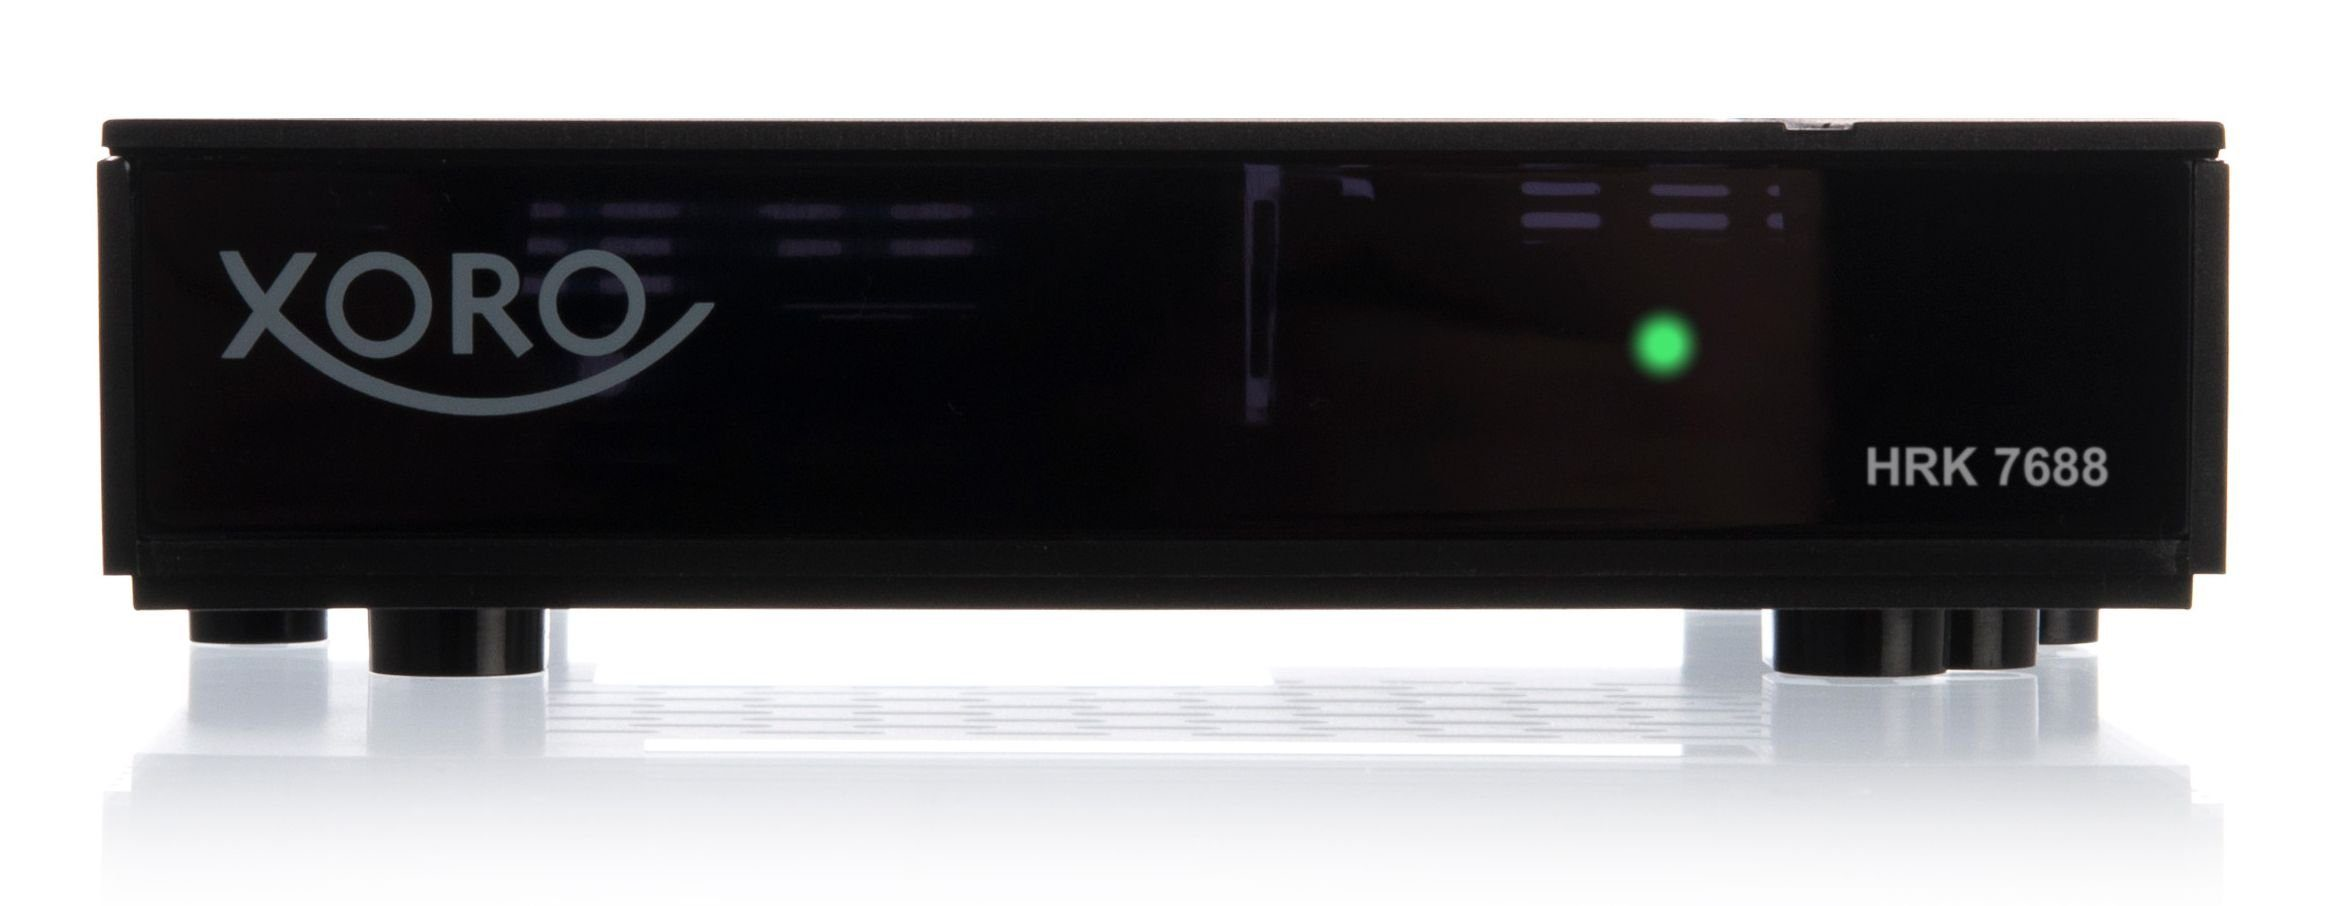 XORO DVB-C Kabel-Mini-HD-Receiver PVR-ready »HRK 7688«